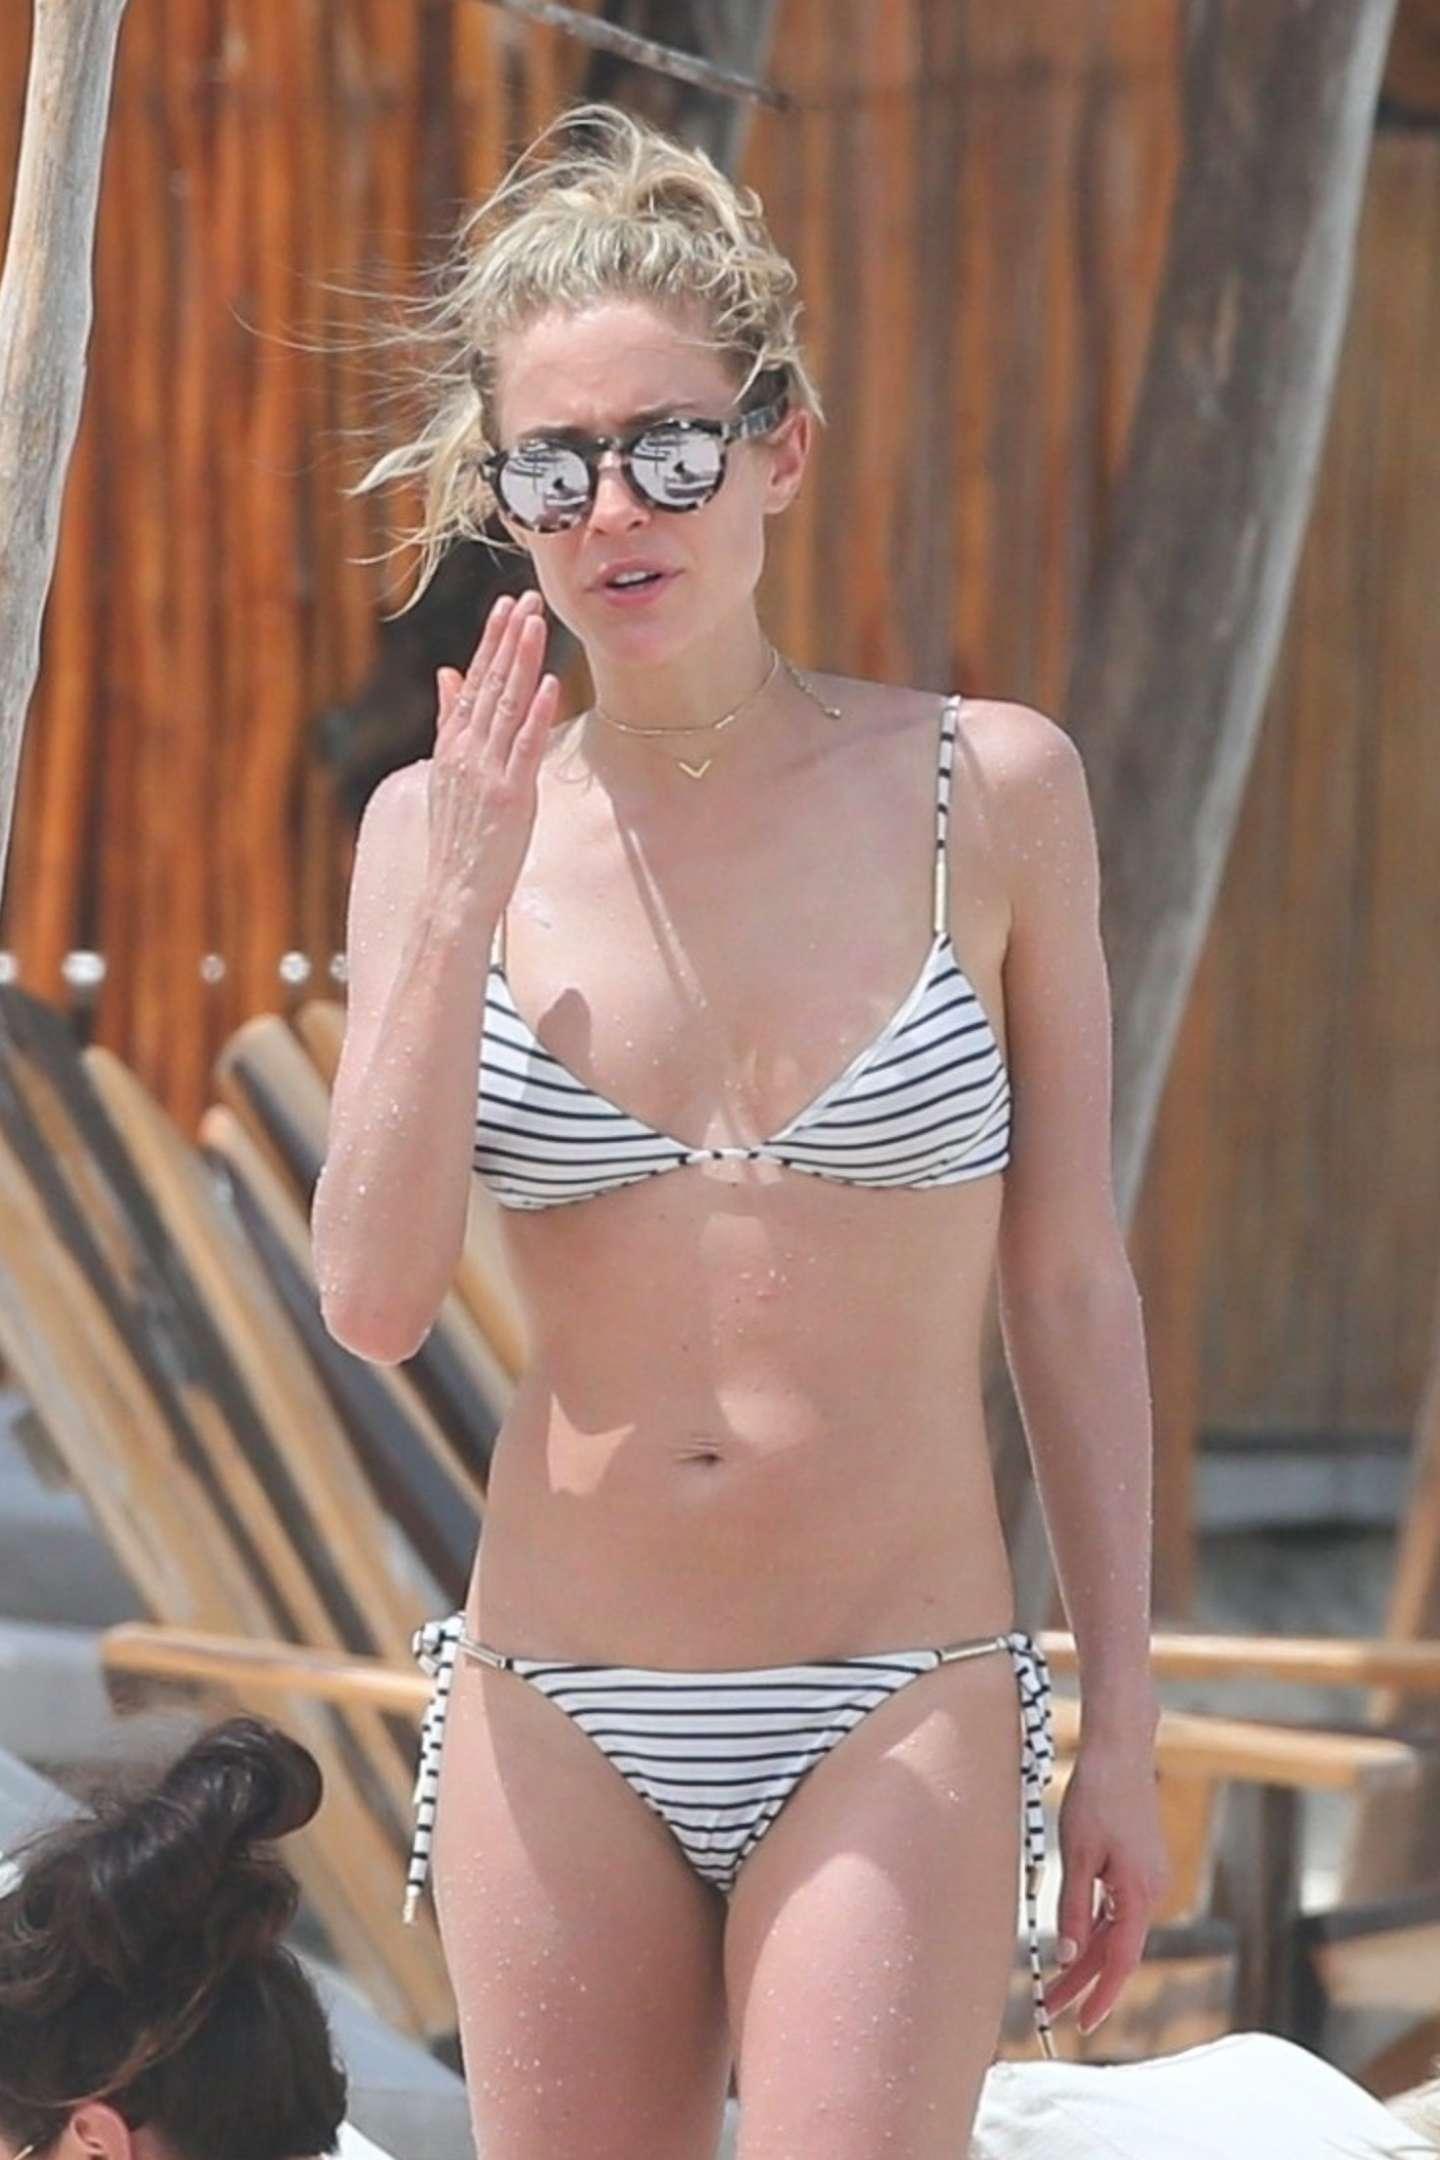 Kristin Cavallaris Striped Bikini Photos - Barnorama